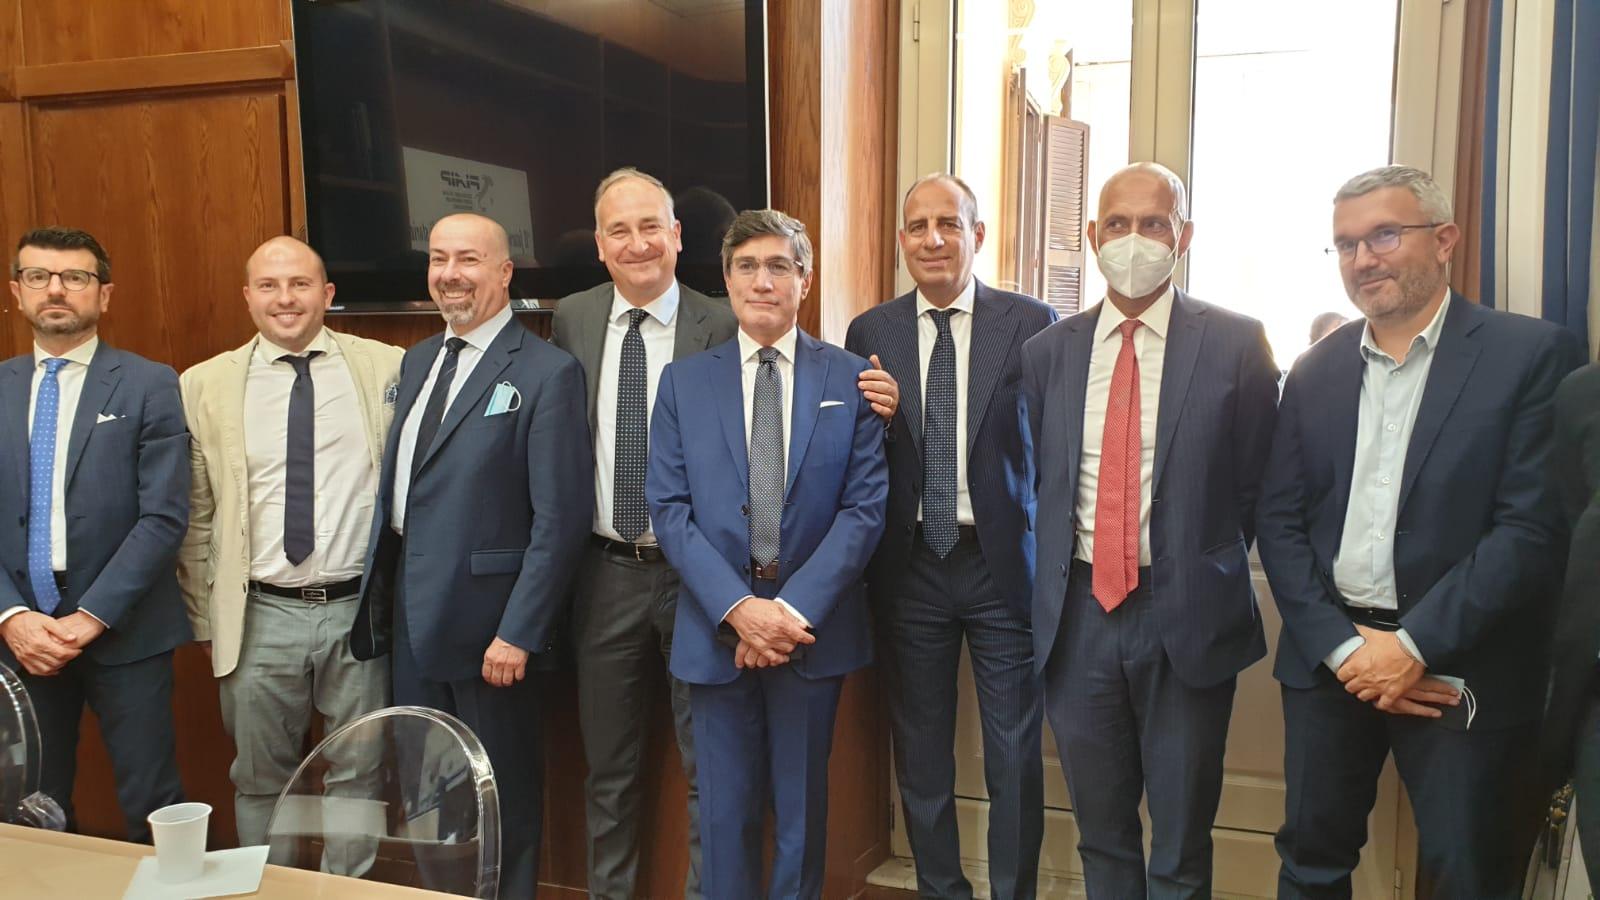 Immobiliare: Nuova Partnership tra Ventidue Broker d'Assicurazioni ed Amissima Assicurazione